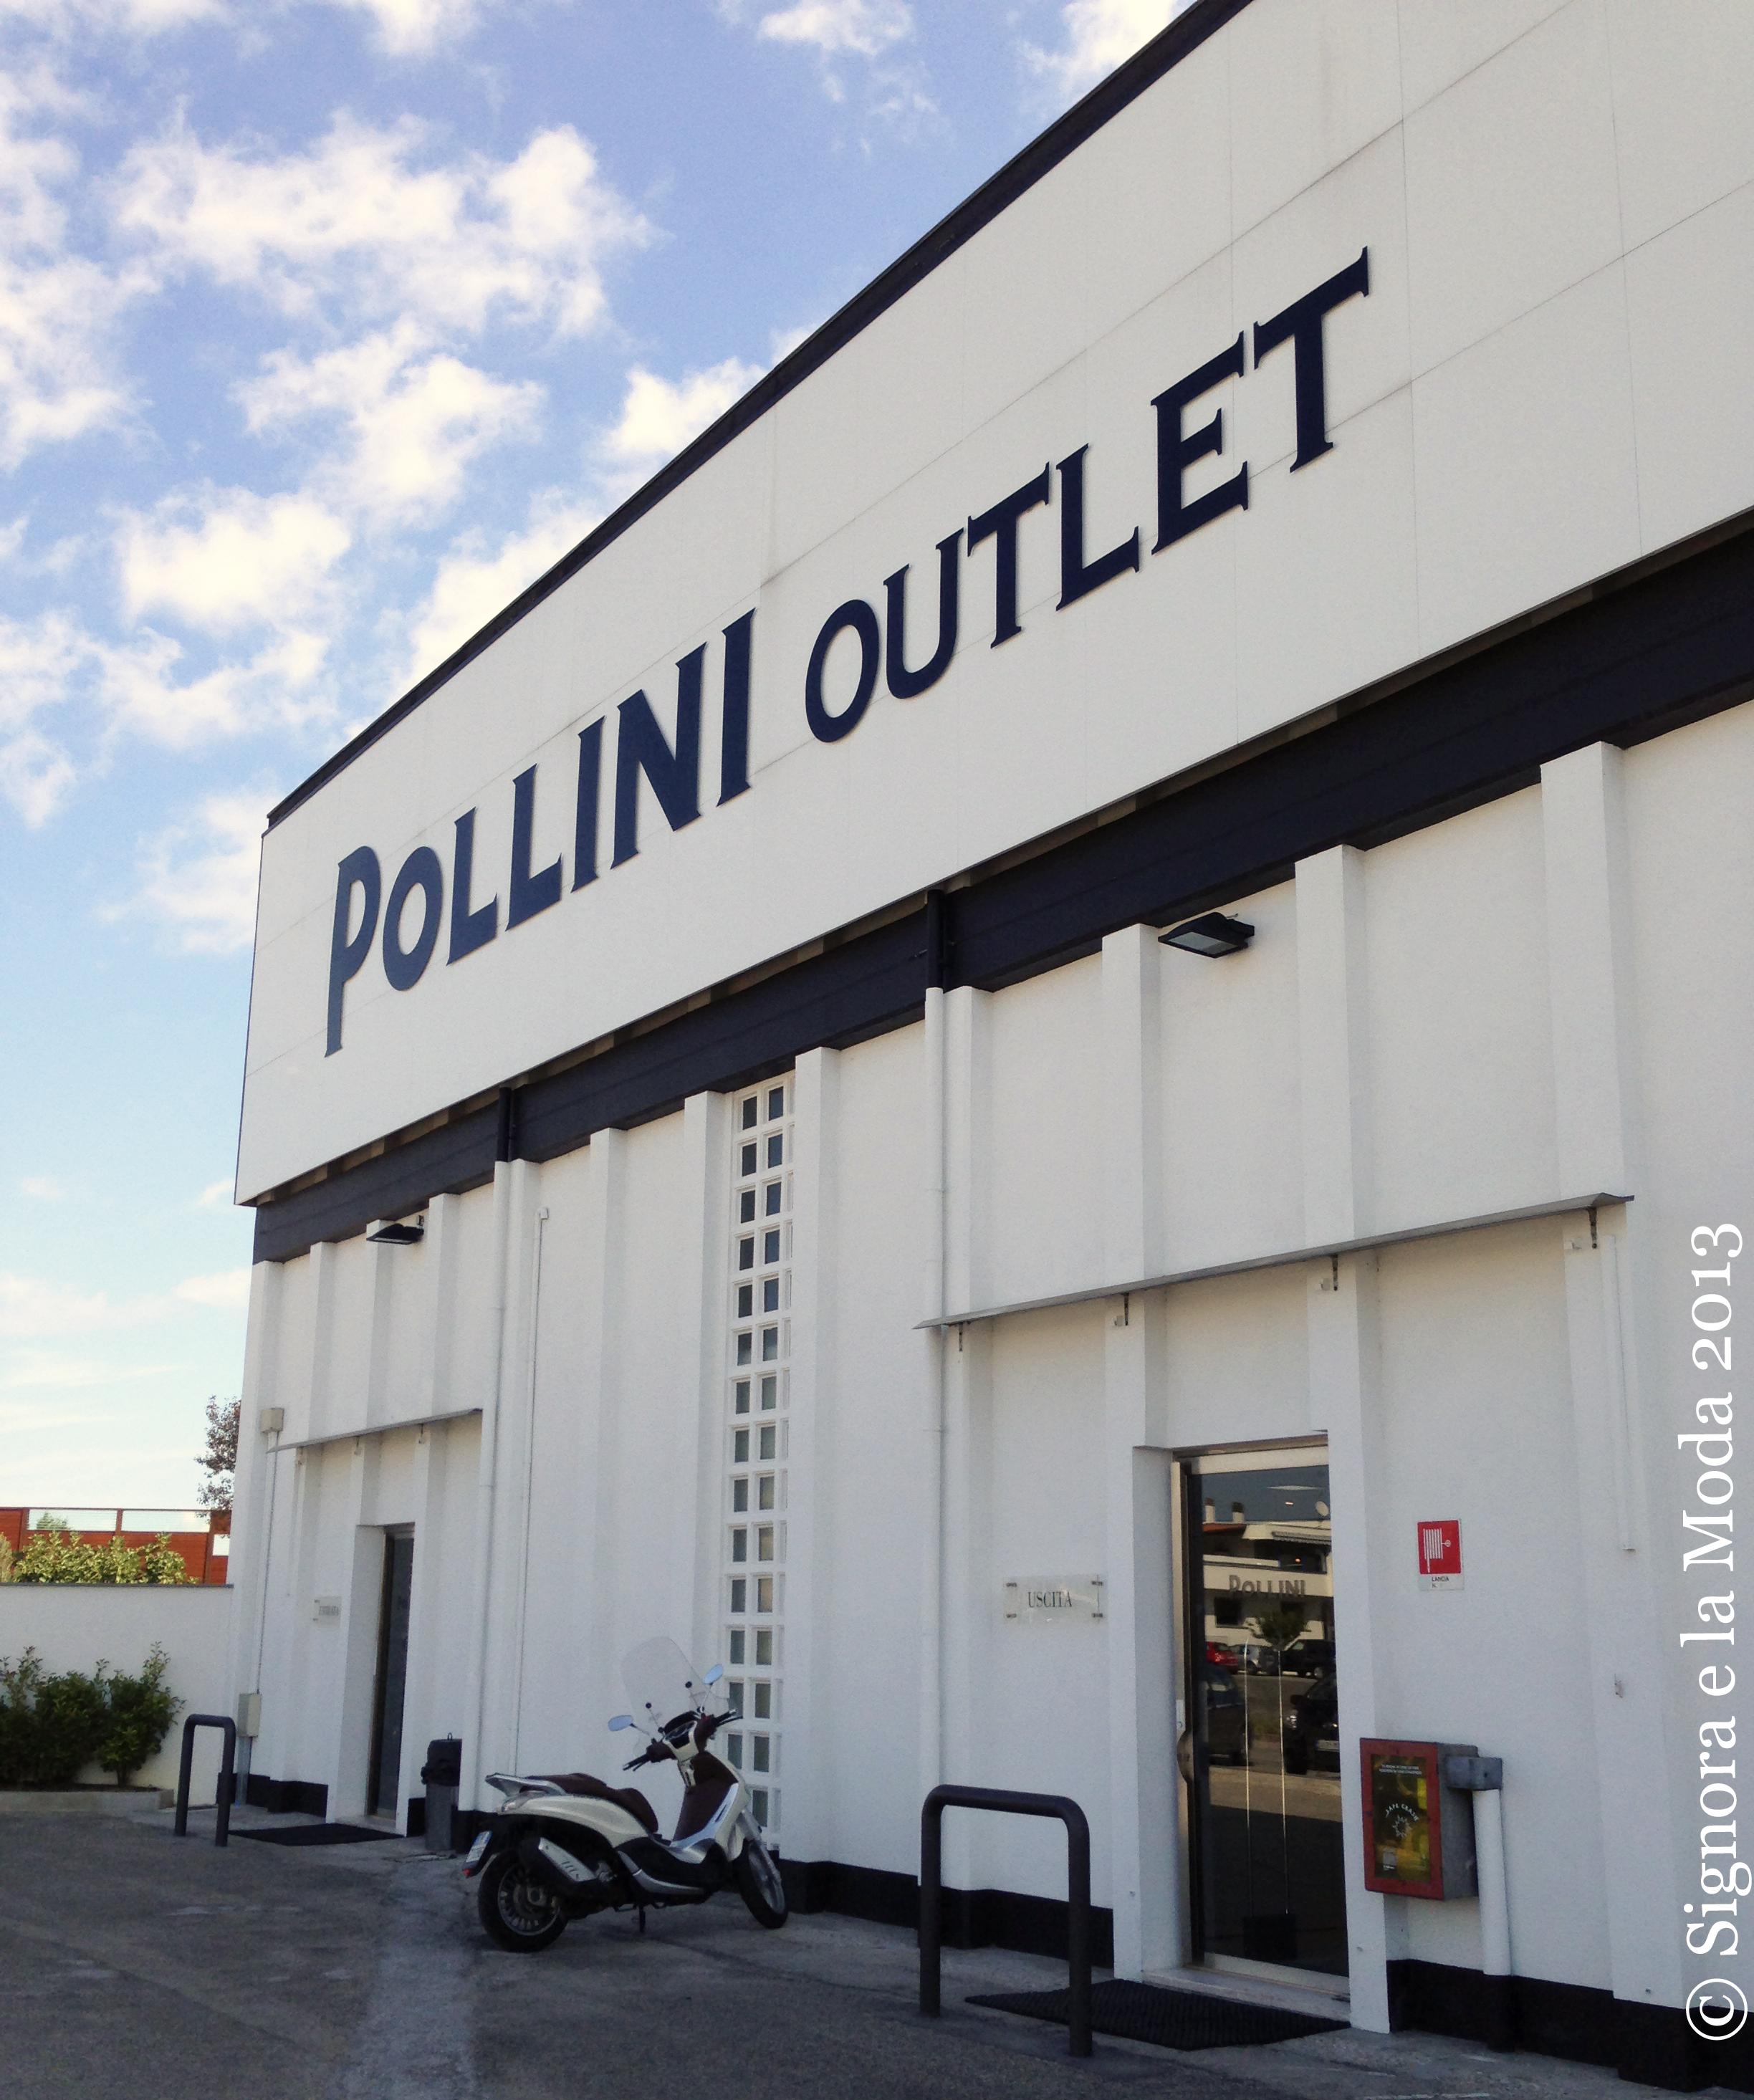 Pollini Outlet aussen